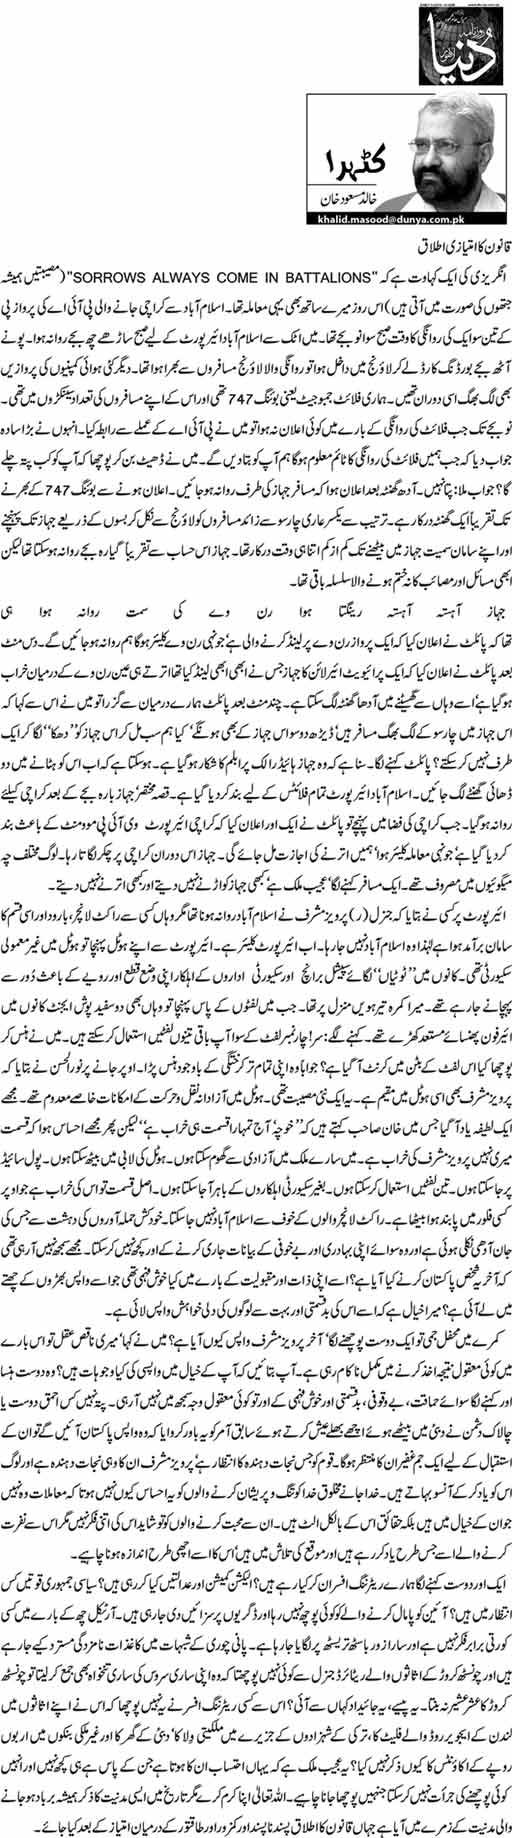 Qanoon Ka Imtiyazi Ittelaq - Khalid Masood KhanQanoon Ka Imtiyazi Ittelaq - Khalid Masood Khan